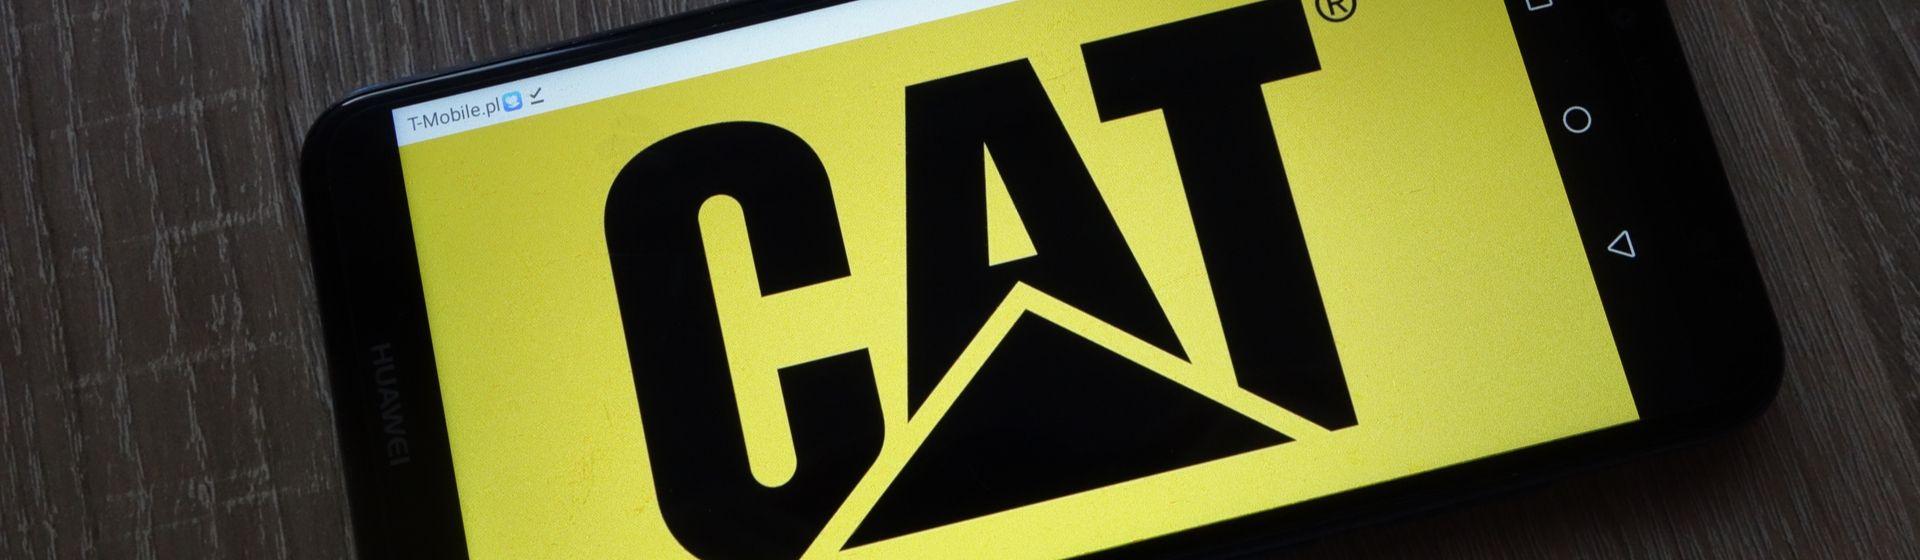 """Celular Caterpillar com marca """"CAT"""" na tela apoiado em cima de mesa de madeira"""